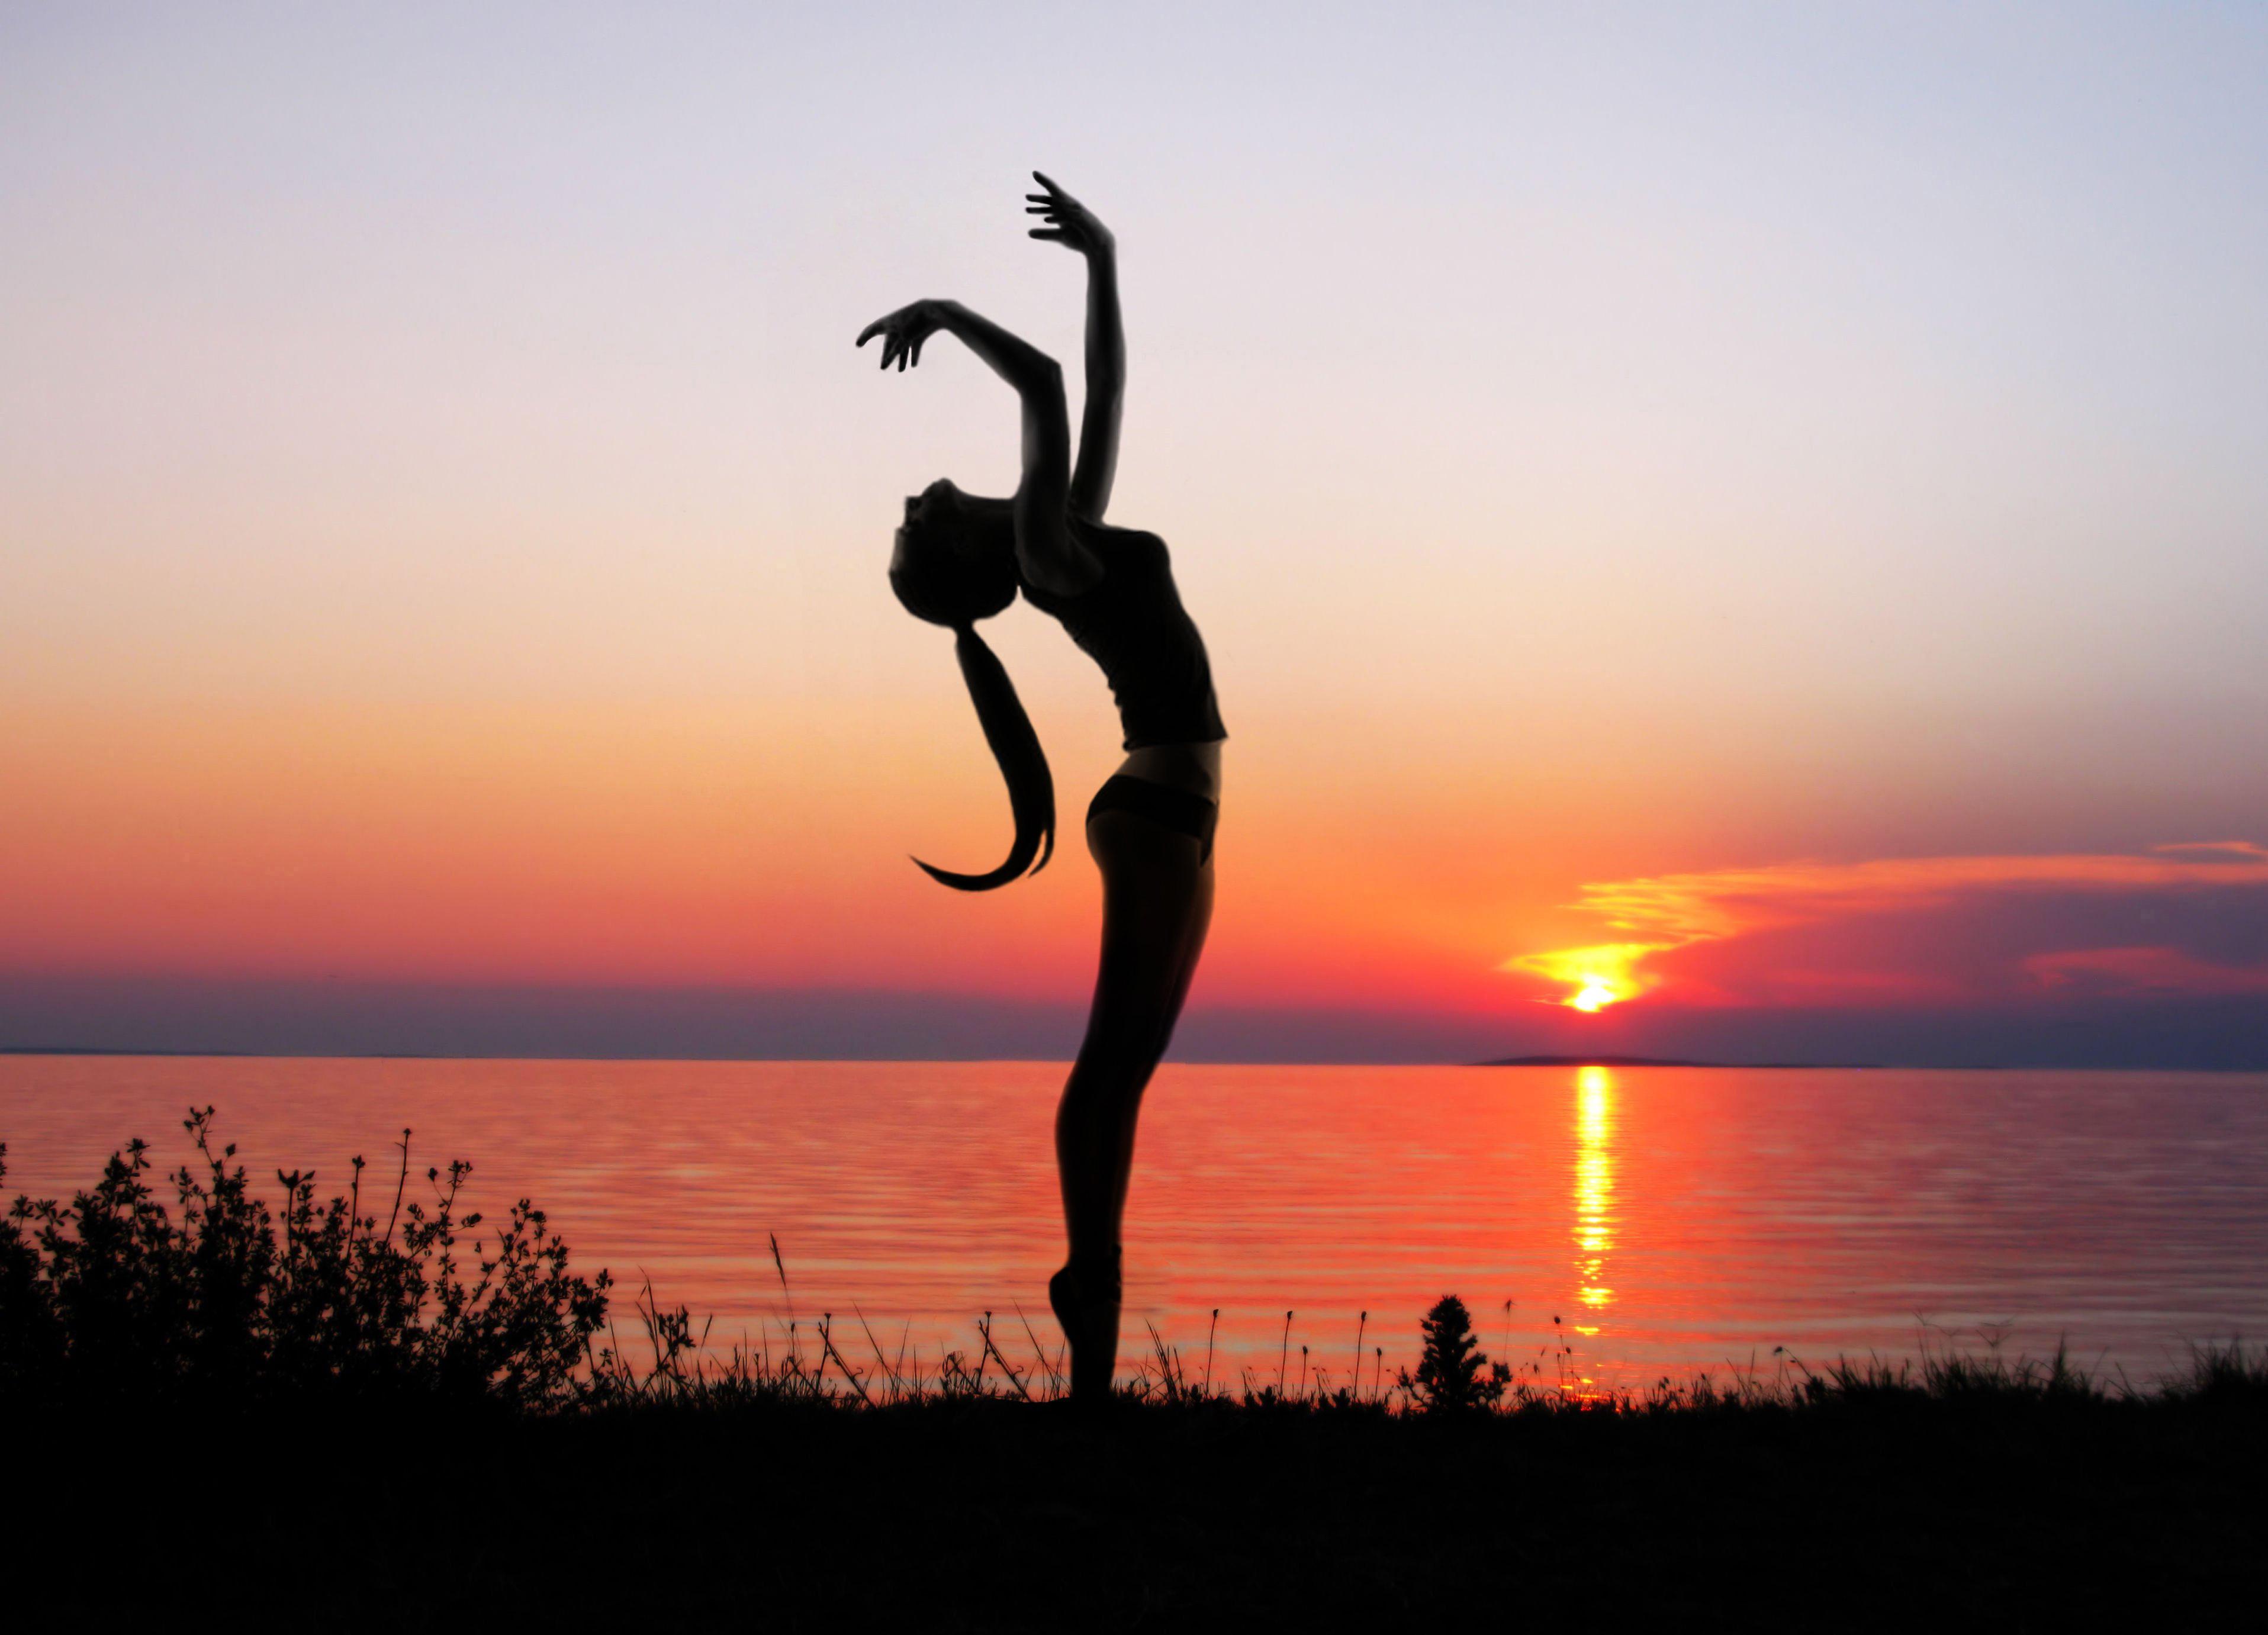 Ejercicios de Yoga - 3831x2762